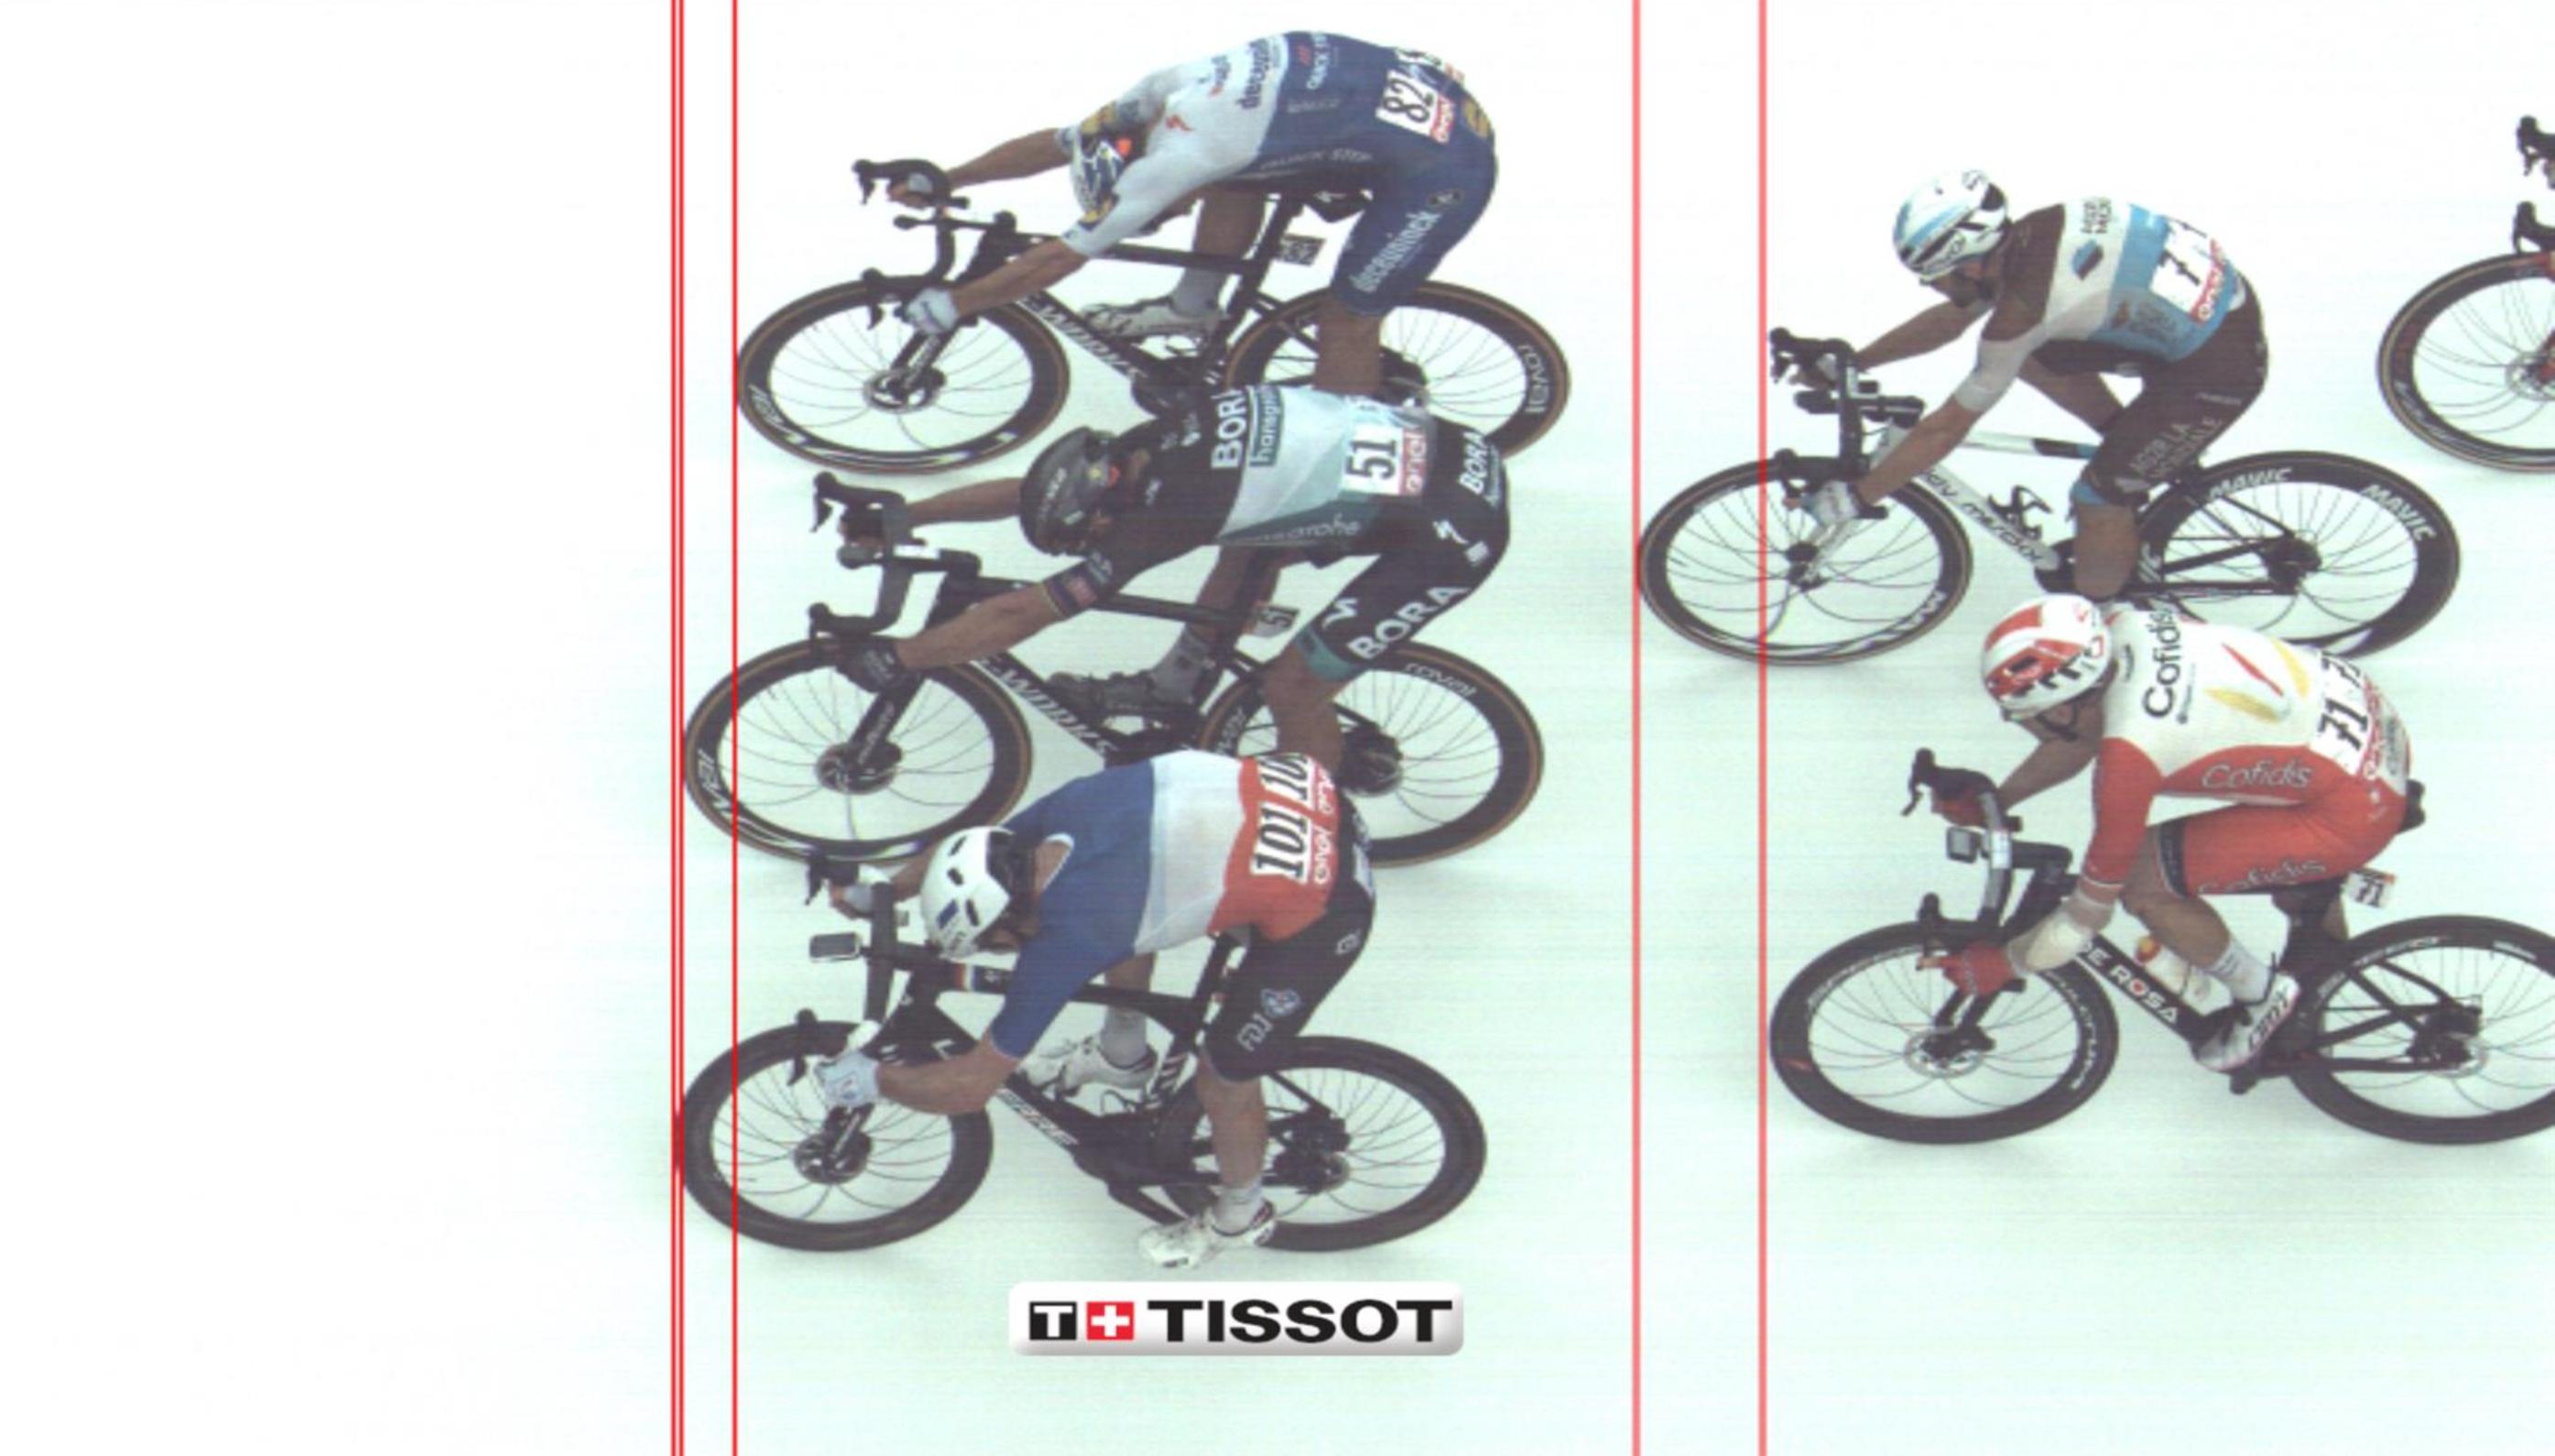 Izjemen sprint in trije skorajda izenačeni